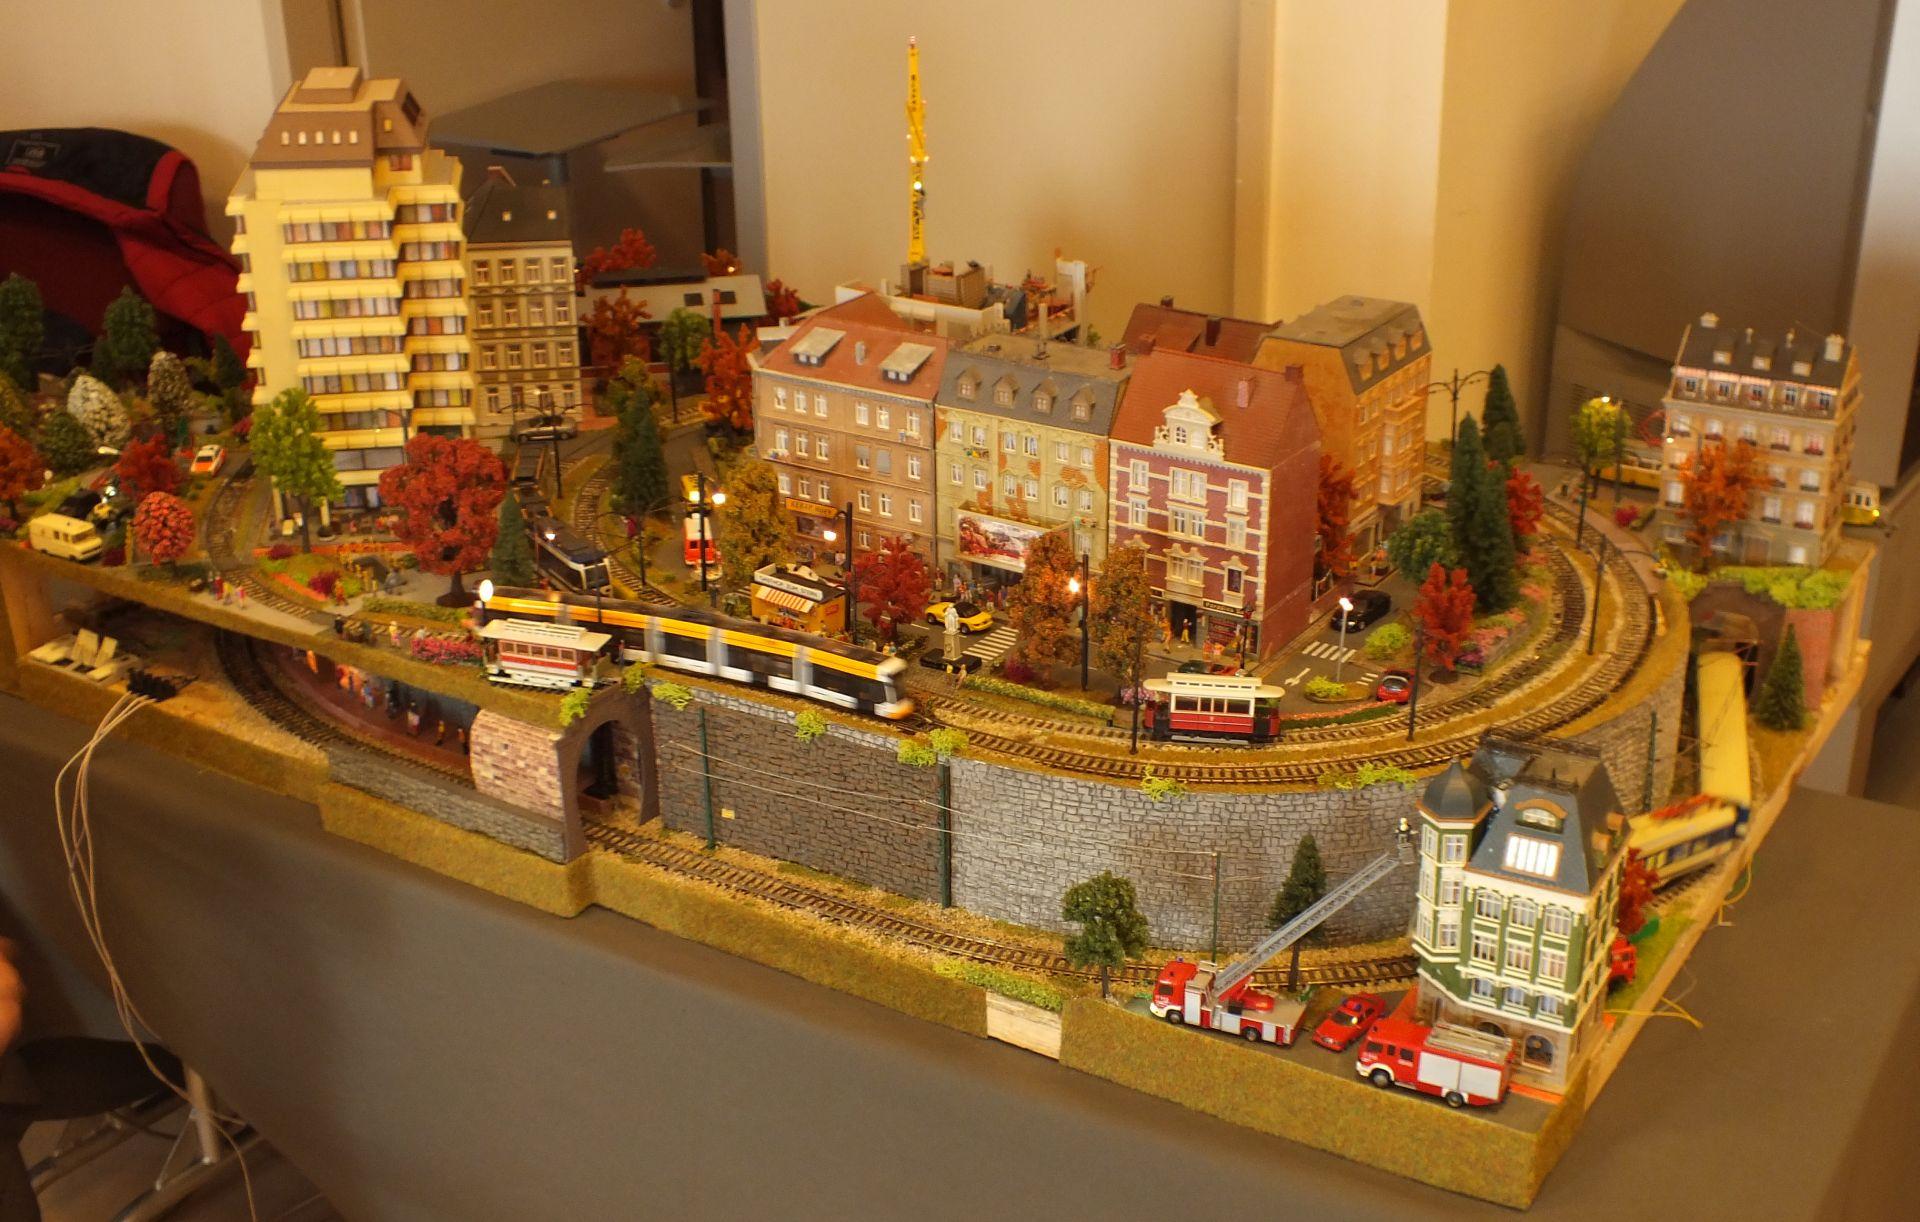 sbahn, h0, kecskemét, terepasztal kiállítás, hirös agóra, modellvasút